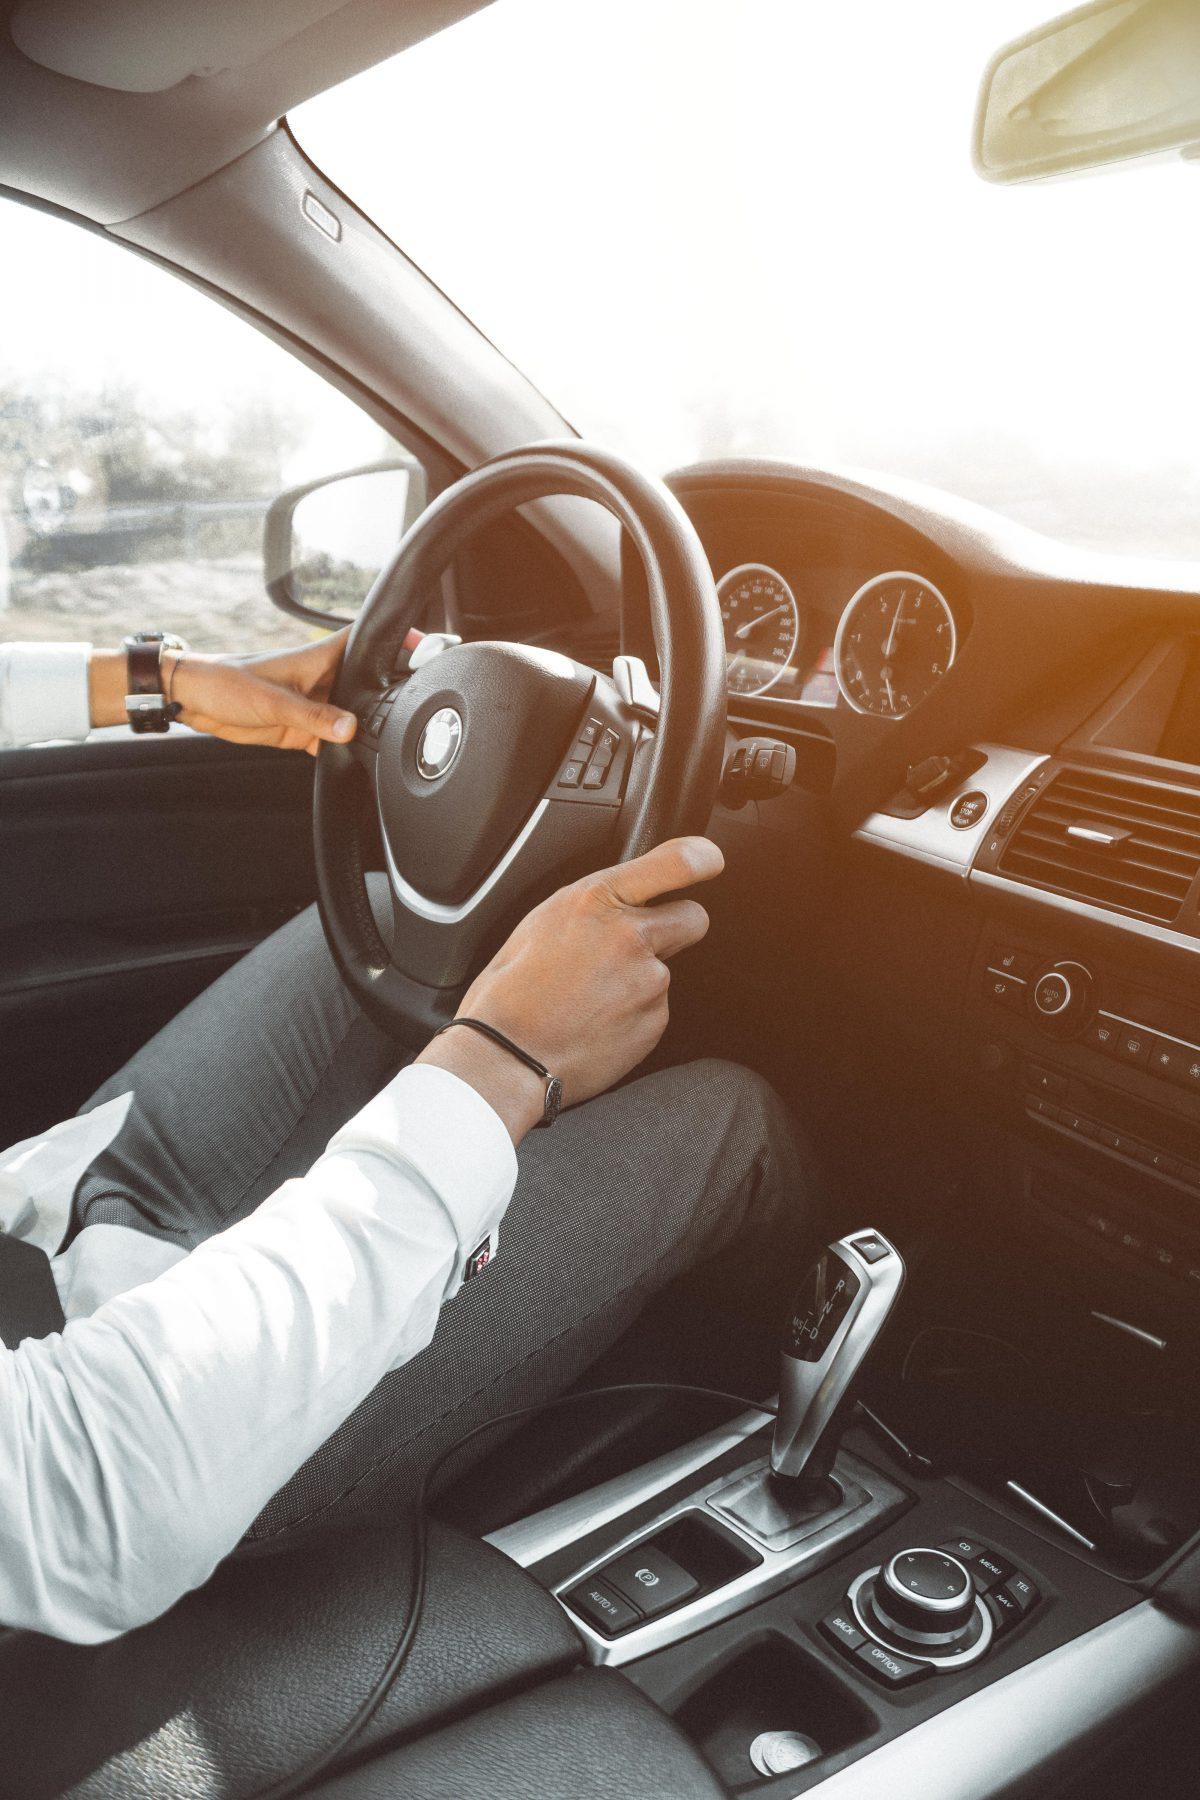 נתפסתם נוהגים במהירות – אל תלחצו. זה מה שאתם צריכים לעשות